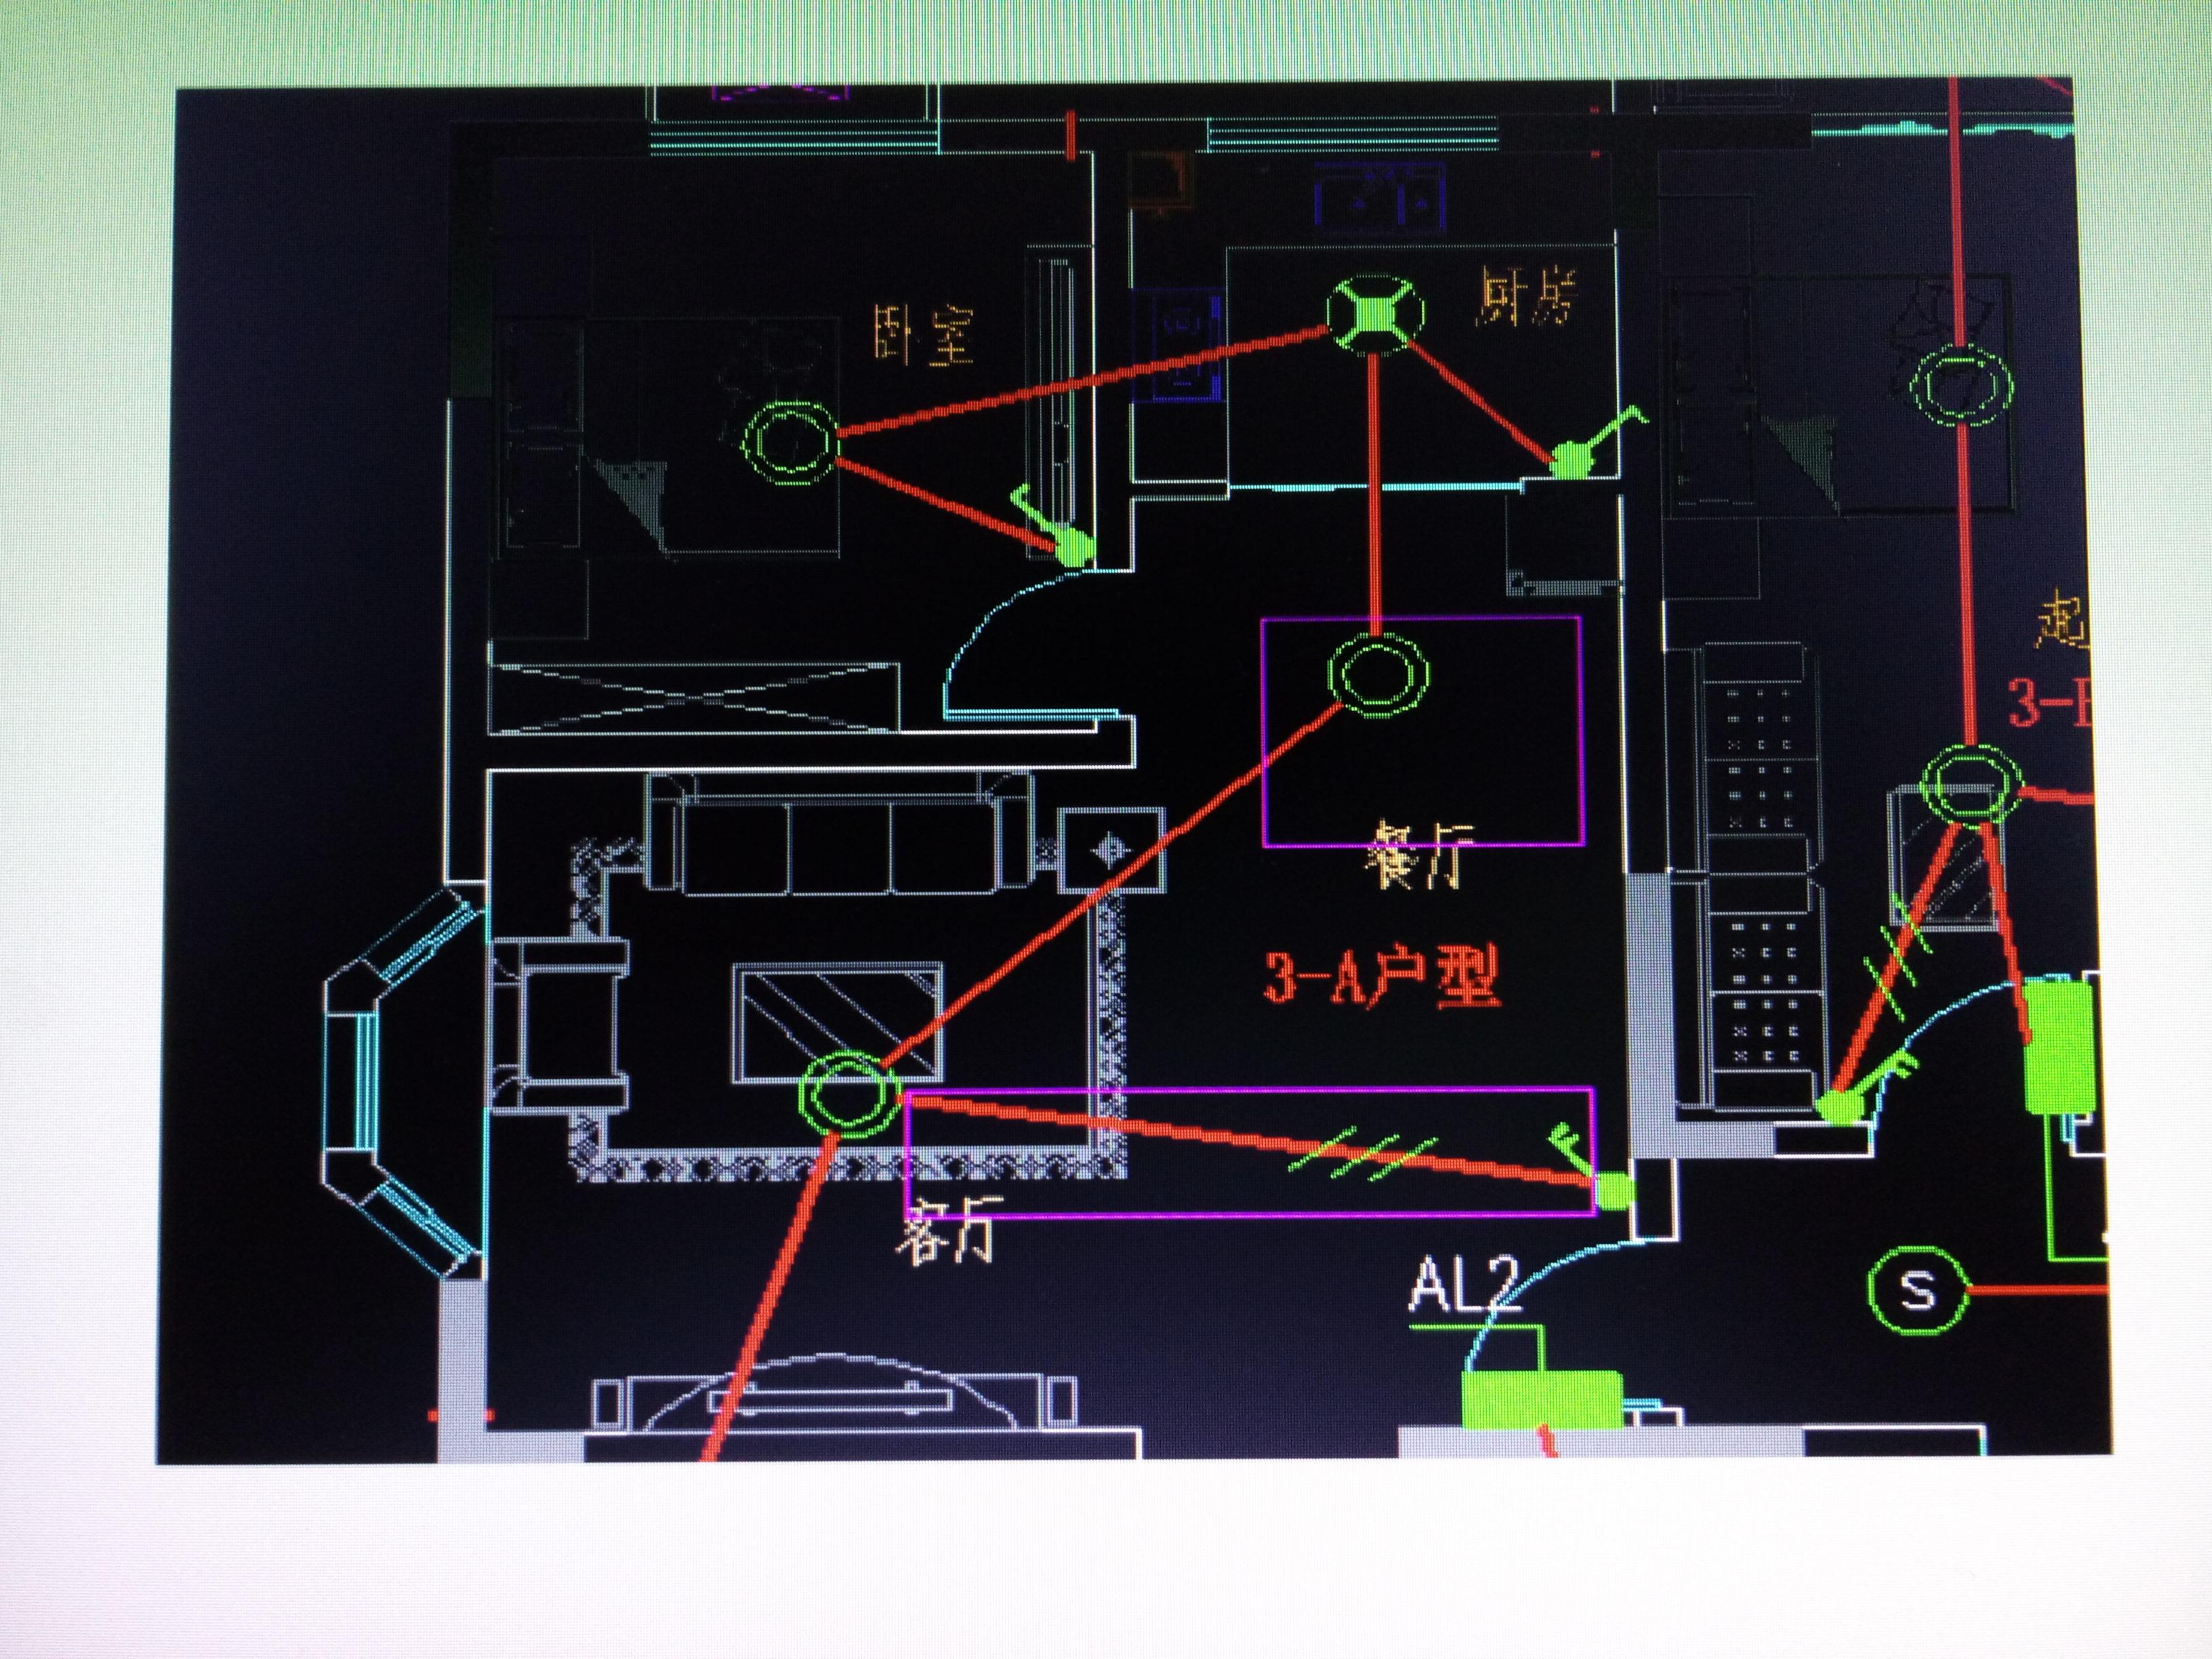 感觉对象上的鼠标圆图纸?cad放在电气代表选定怎么的怎么办两个上很难一动很一动图纸卡图片